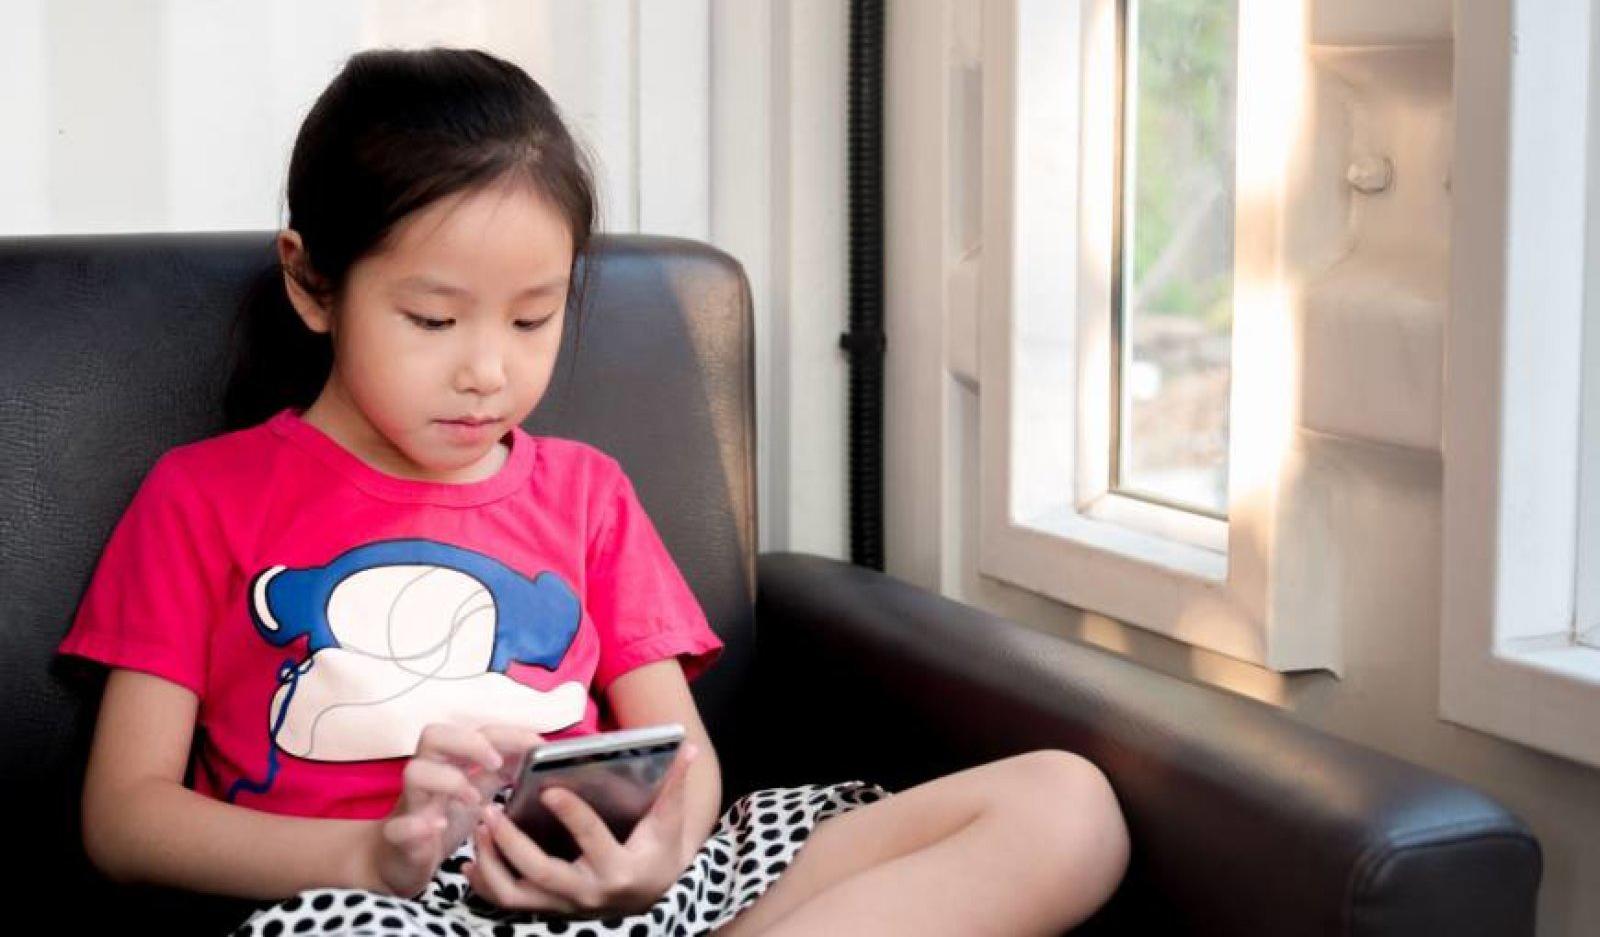 Японцы обвинили смартфоны в повальном ухудшении зрения молодежи